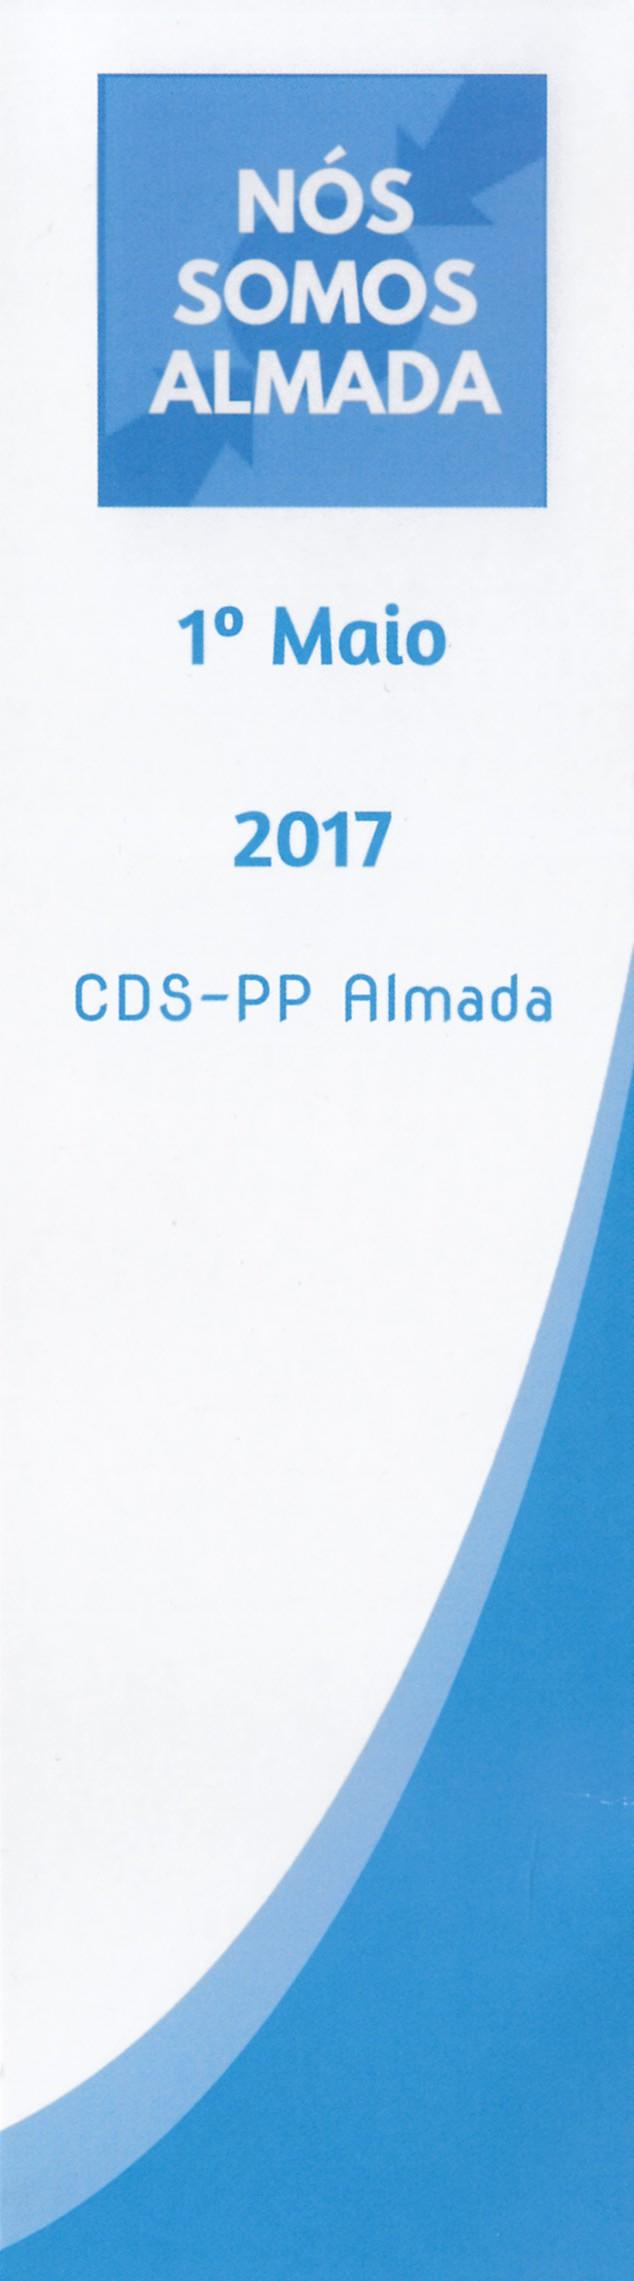 CDS_Almada_2017 – Cópia